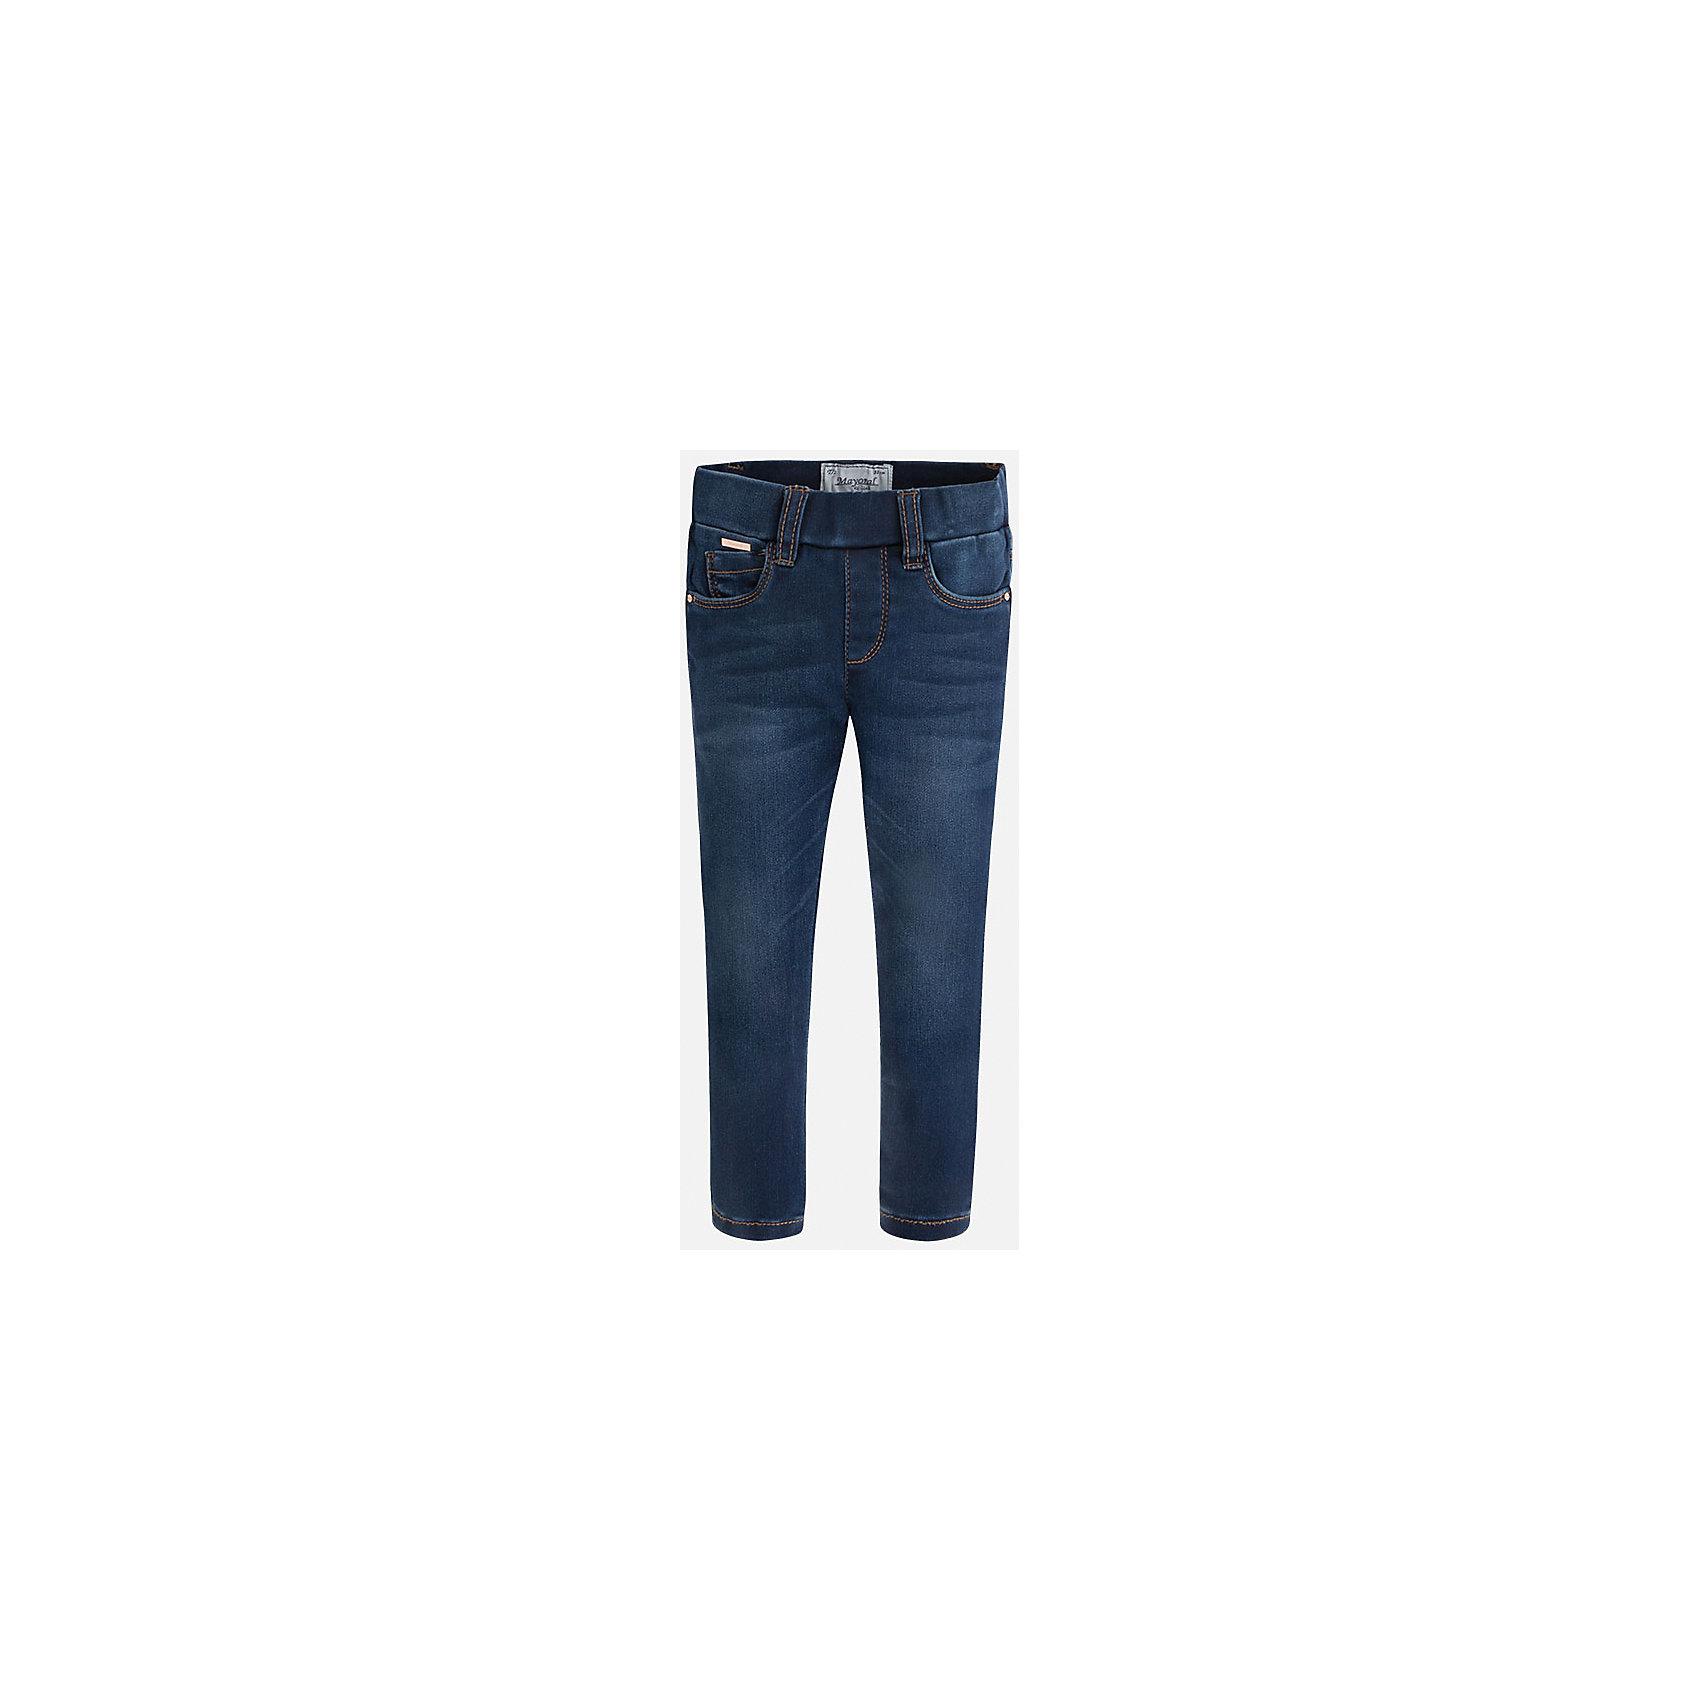 Леггинсы джинсовые для девочки MayoralЛеггинсы<br>Леггинсы - удобный и практичный вариант на каждый день, прекрасно сочетаются с любой одеждой.  Модель на эластичном поясе с резинкой дополнена пятью классическими карманами. Леггинсы Mayoral изготовлены из высококачественного материала, отлично сидят на фигуре, не сковывают движения, декорированы вышивкой на задних карманах.<br><br>Дополнительная информация:<br><br>- Регулировка по объему с помощью внутренней резинки. <br>- Покрой: прямой. <br>- 5 классических карманов.<br>- Вышивка в виде сердечек. <br>Состав: <br>- 69% хлопок, 28% полиэстер, 3% эластан.<br><br>Леггинсы для девочки Mayoral (Майорал), синие, можно купить в нашем магазине.<br><br>Ширина мм: 123<br>Глубина мм: 10<br>Высота мм: 149<br>Вес г: 209<br>Цвет: синий<br>Возраст от месяцев: 18<br>Возраст до месяцев: 24<br>Пол: Женский<br>Возраст: Детский<br>Размер: 92,122,134,128,104,116,110,98<br>SKU: 4845751